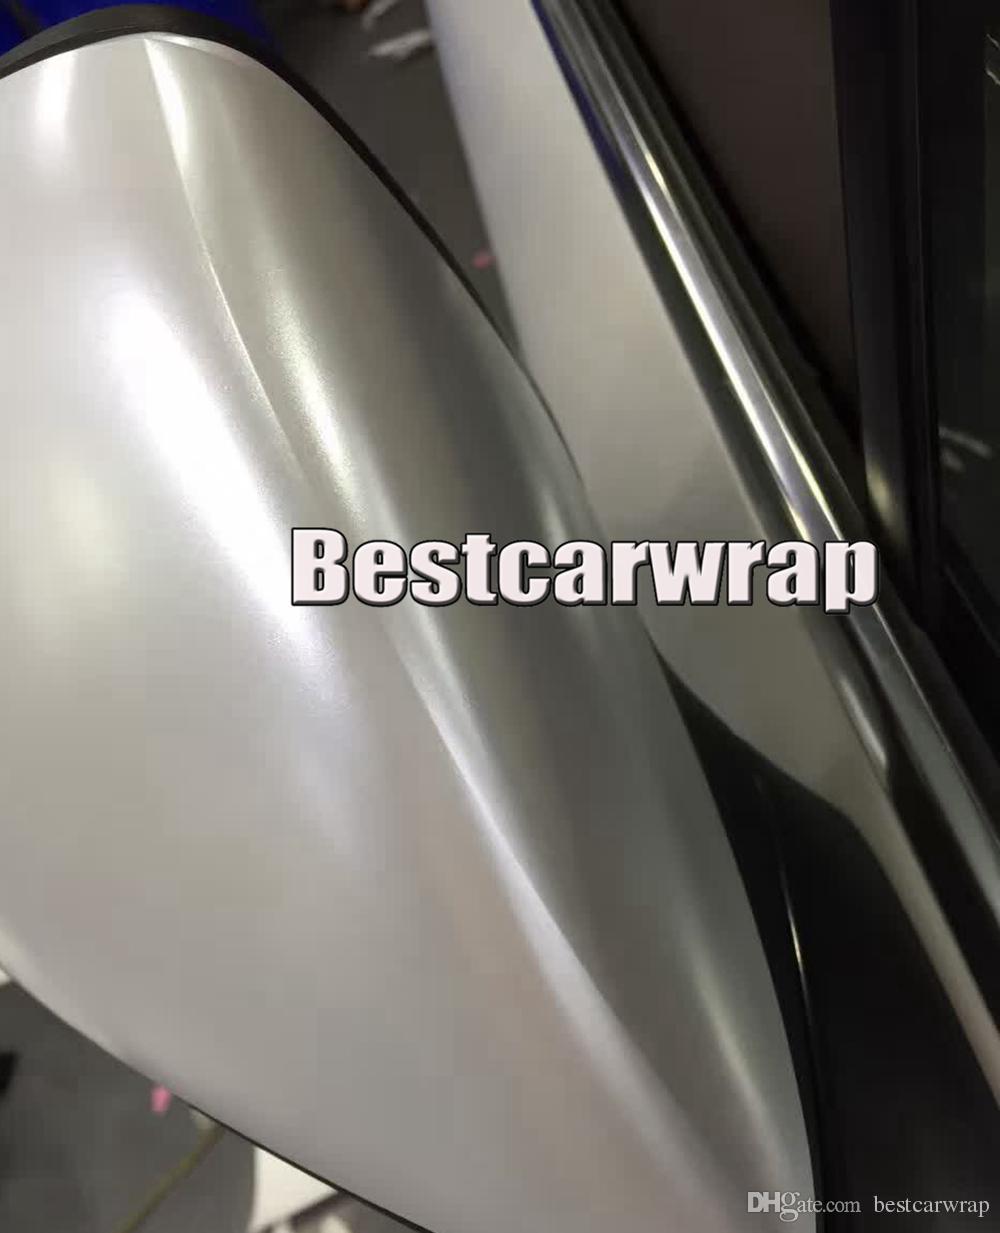 Сверху! Вспышка Белый хром атласный автомобиль обернуть винил стайлинг фольга Атлас - хром автомобиль упаковка кожи роскошные обертывания стикер размер 1.52x20m / Roll